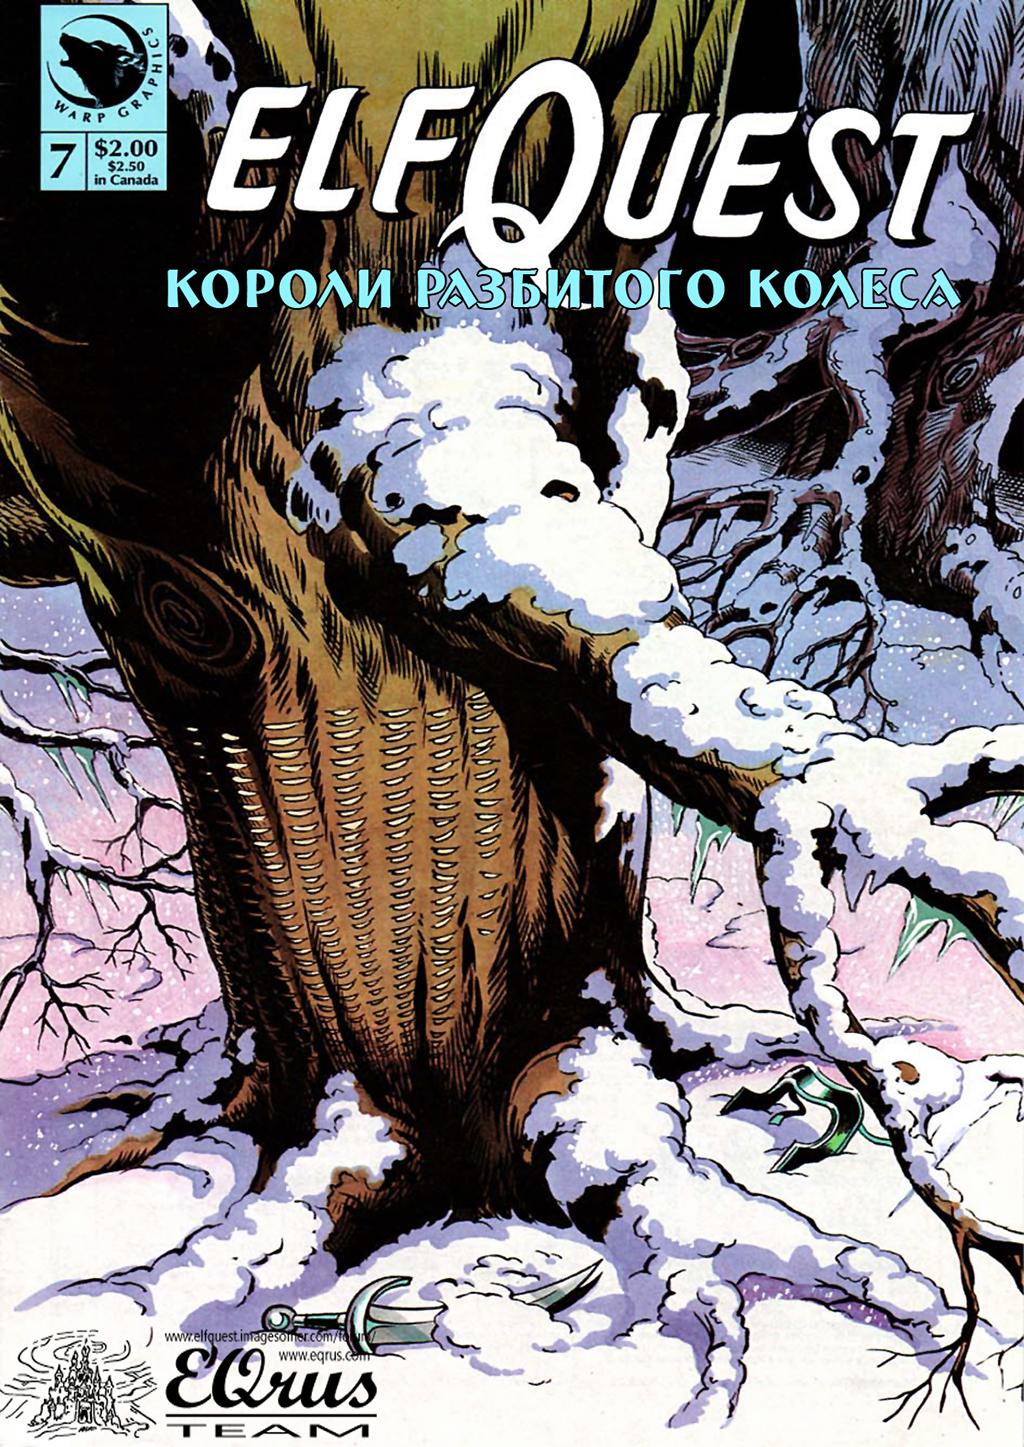 Комикс Сага о Лесных Всадниках: Короли разбитого колеса